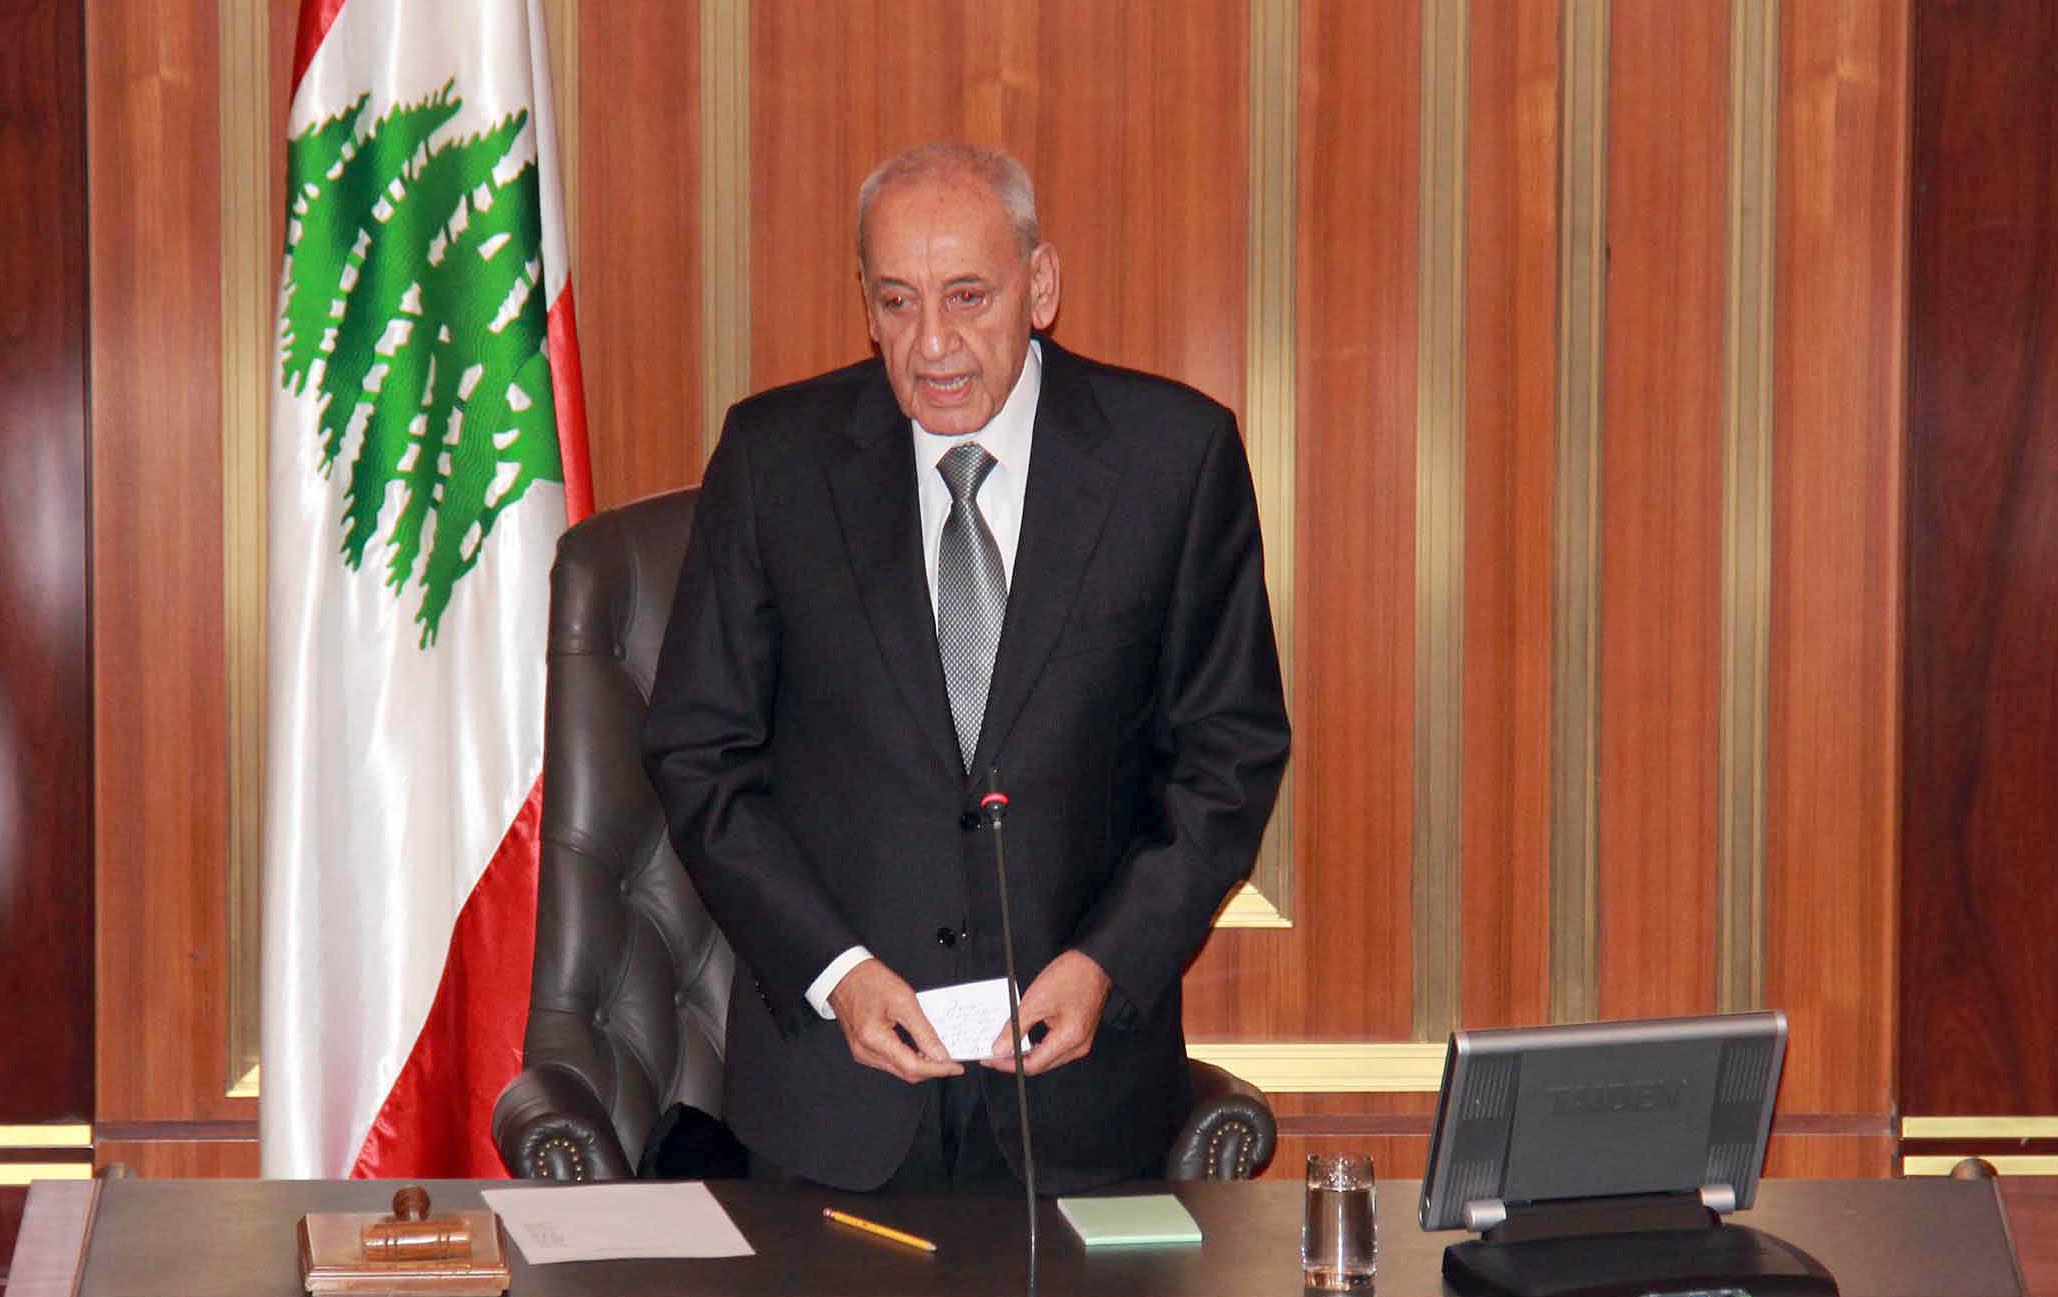 نبيه بري : حال عدم تشكيل الحكومة اللبنانية اليوم سأوجه الدعوة لعقد جلسة تشريعية